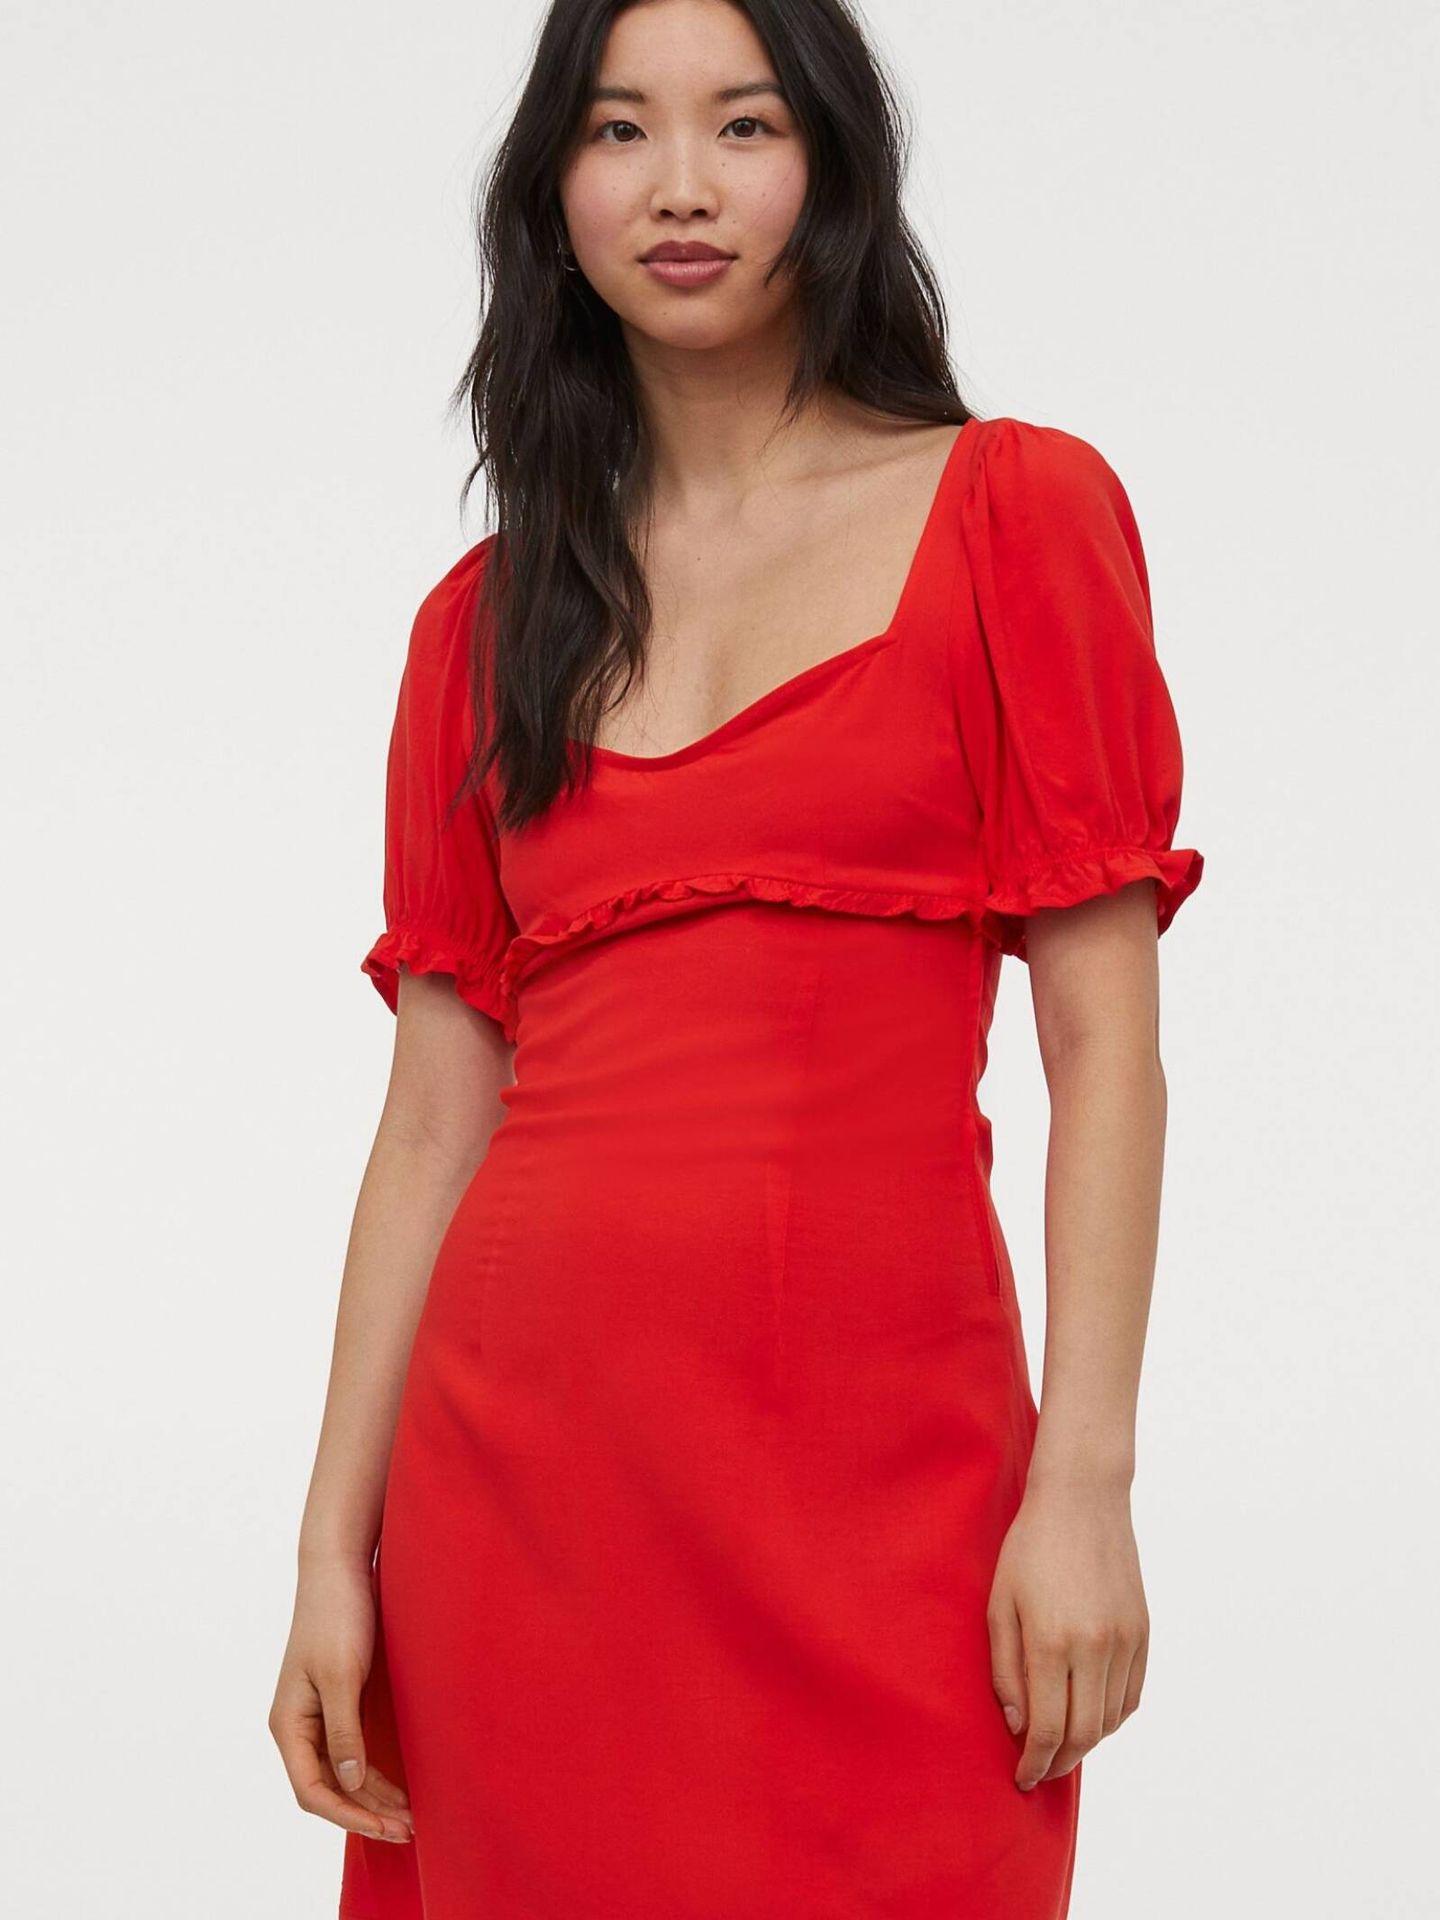 Vestido rojo de HyM con volumen en las mangas. (Cortesía)